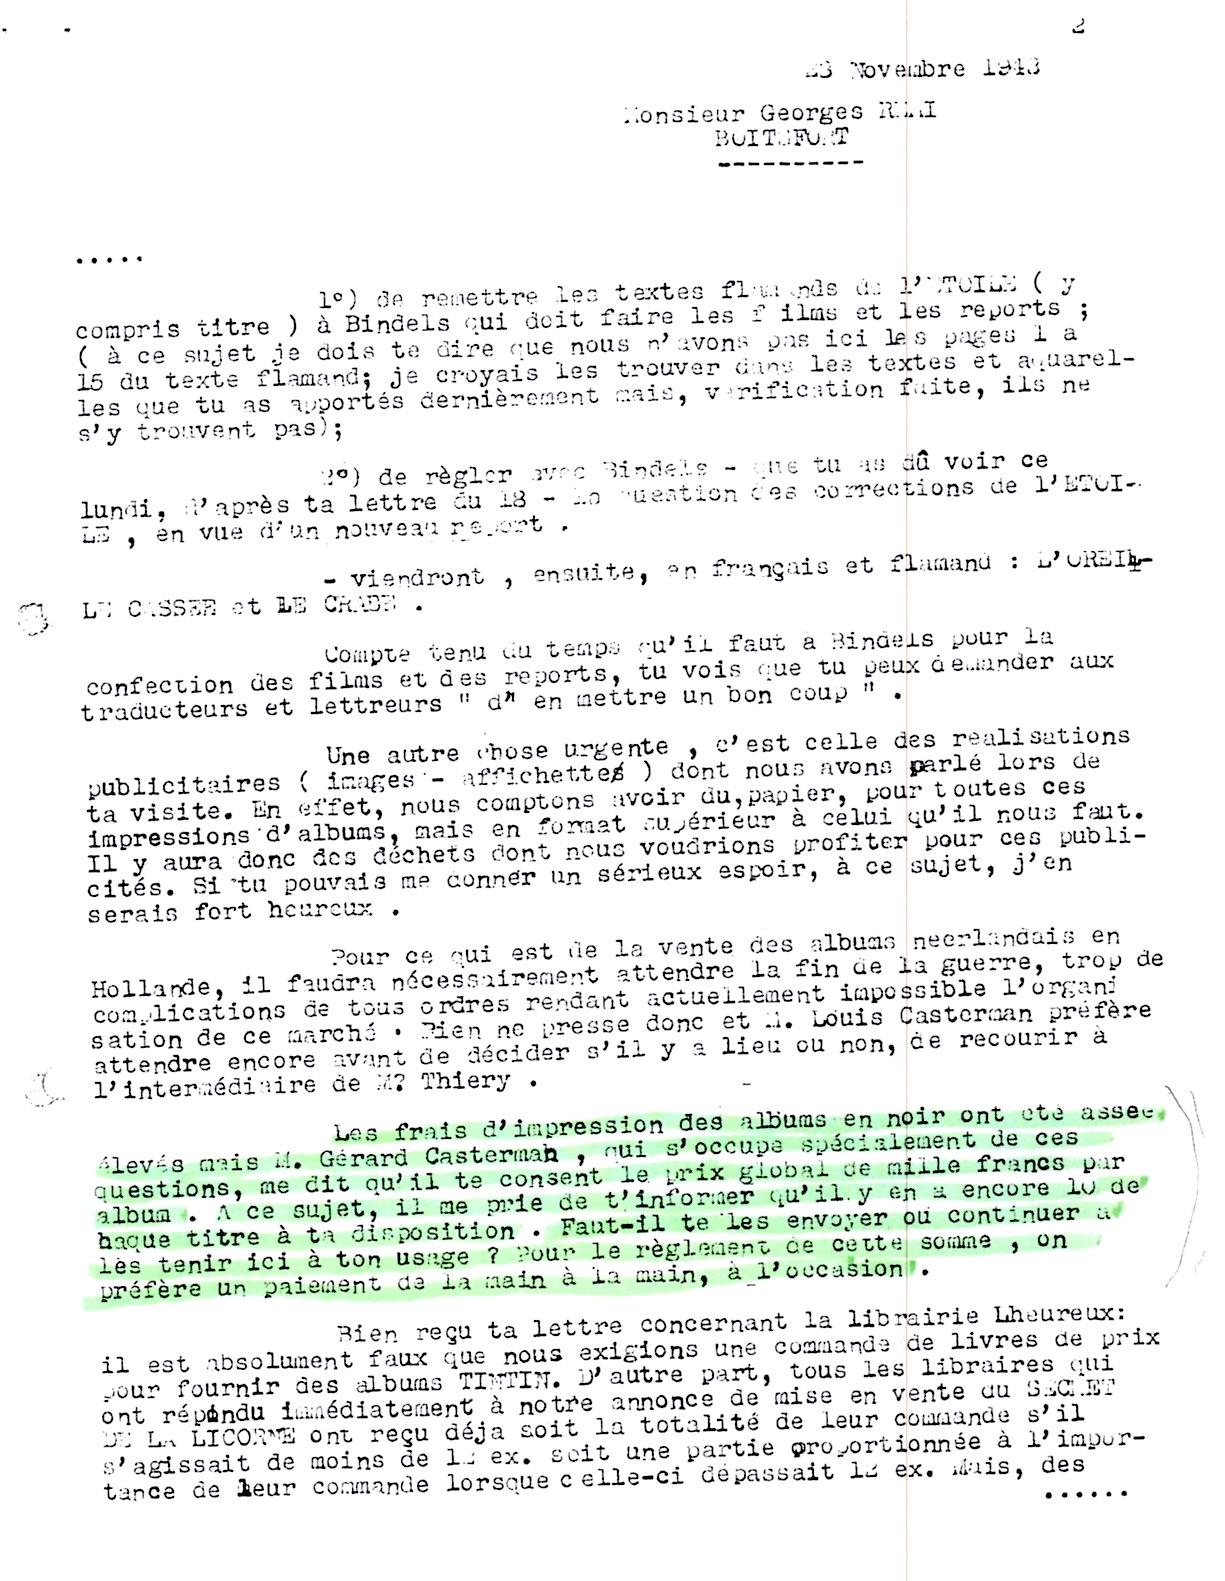 Réponse de Lesne du 30 novembre 1943 : le reste sera tenu à disposition à Tournai…